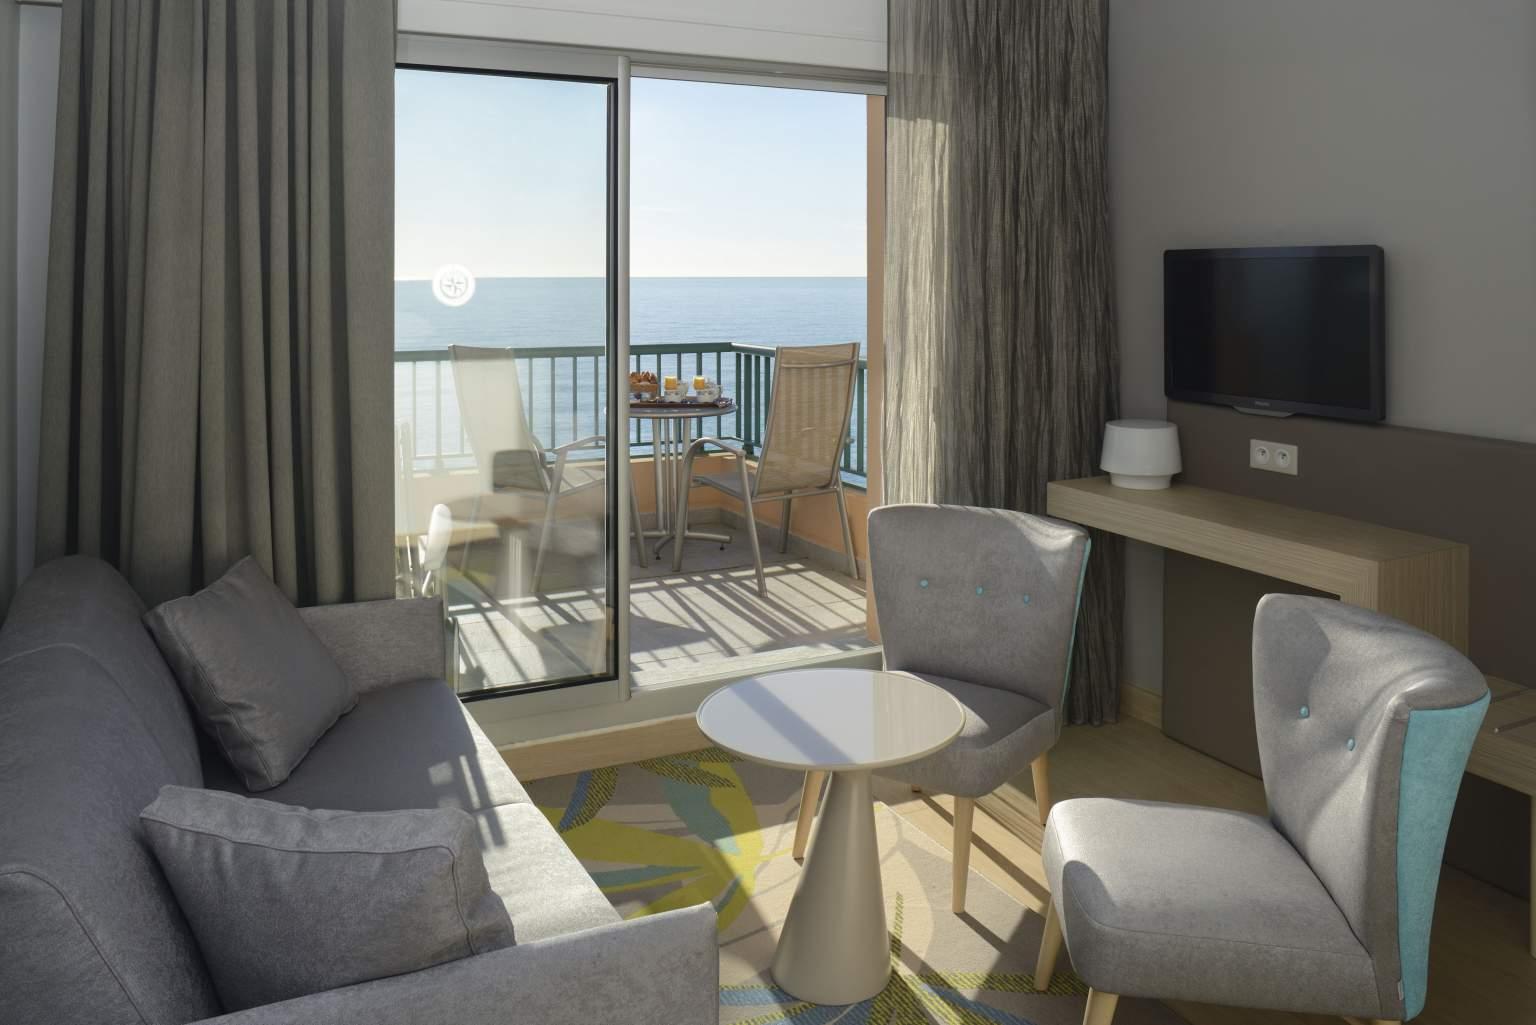 Suite hotel princess et richmond<span>Hôtel</span>Princess & Richmond à Menton